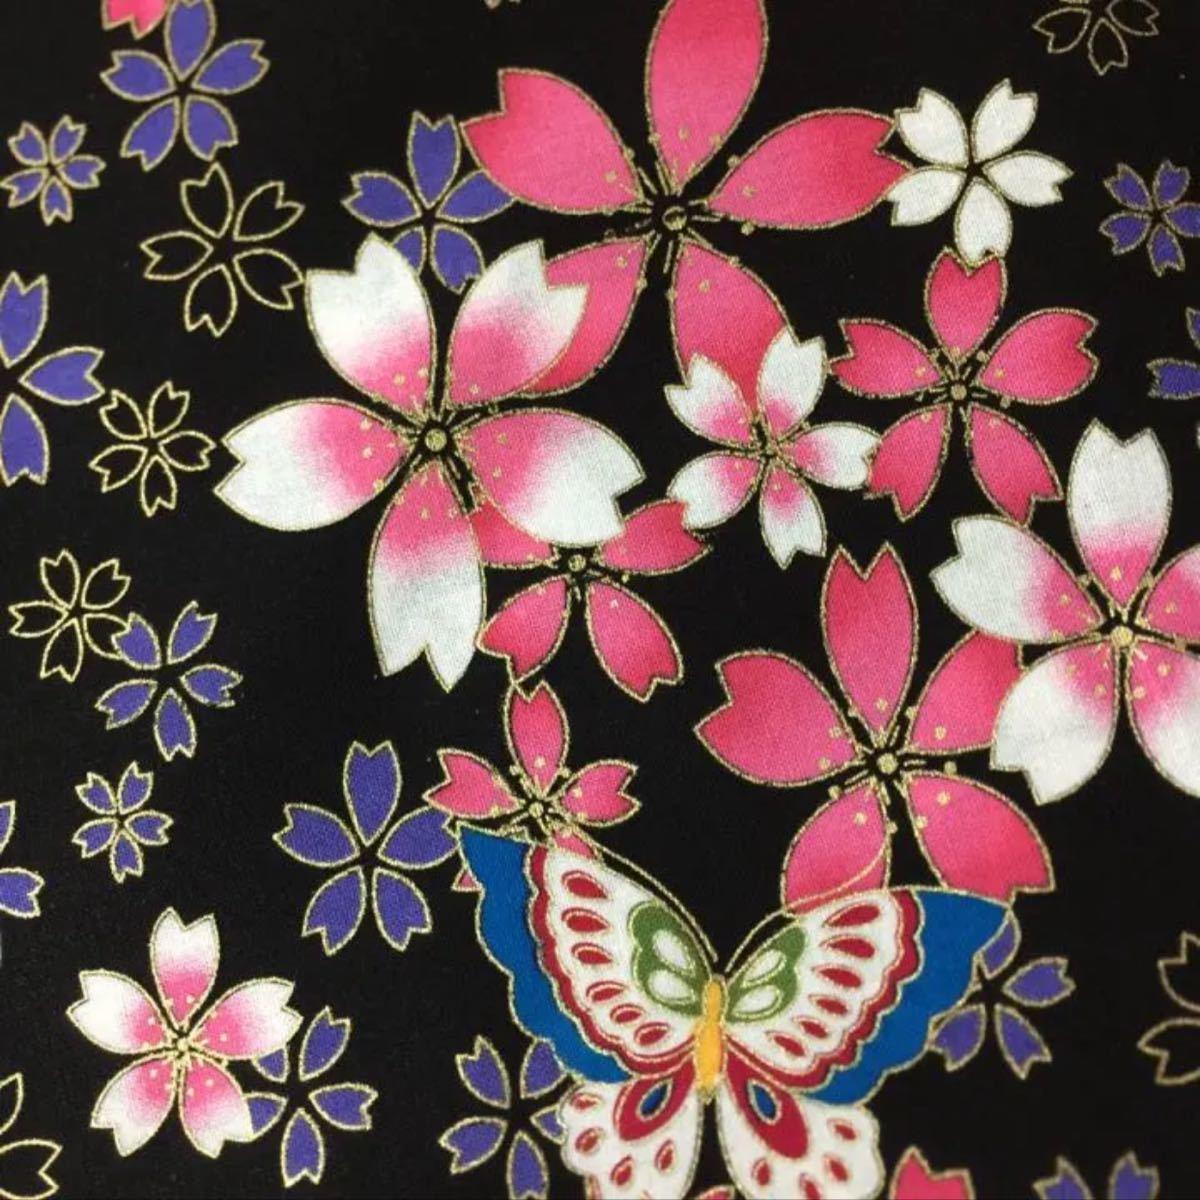 生地 ハギレ 和柄 桜と蝶  50cm 花柄 金糸プリント 黒色